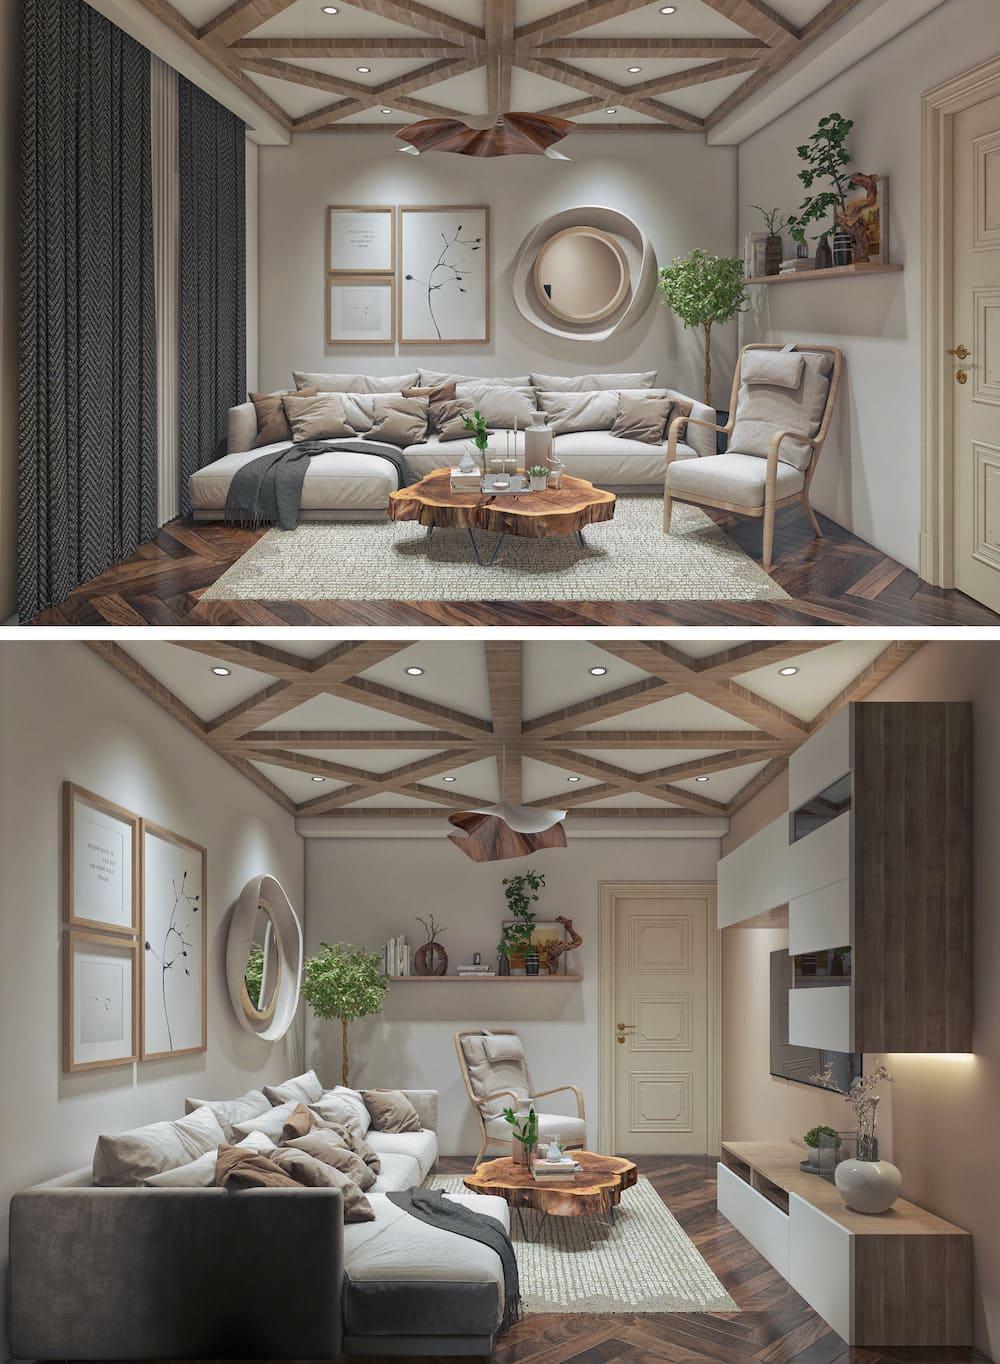 дизайн интерьера гостиной фото 10